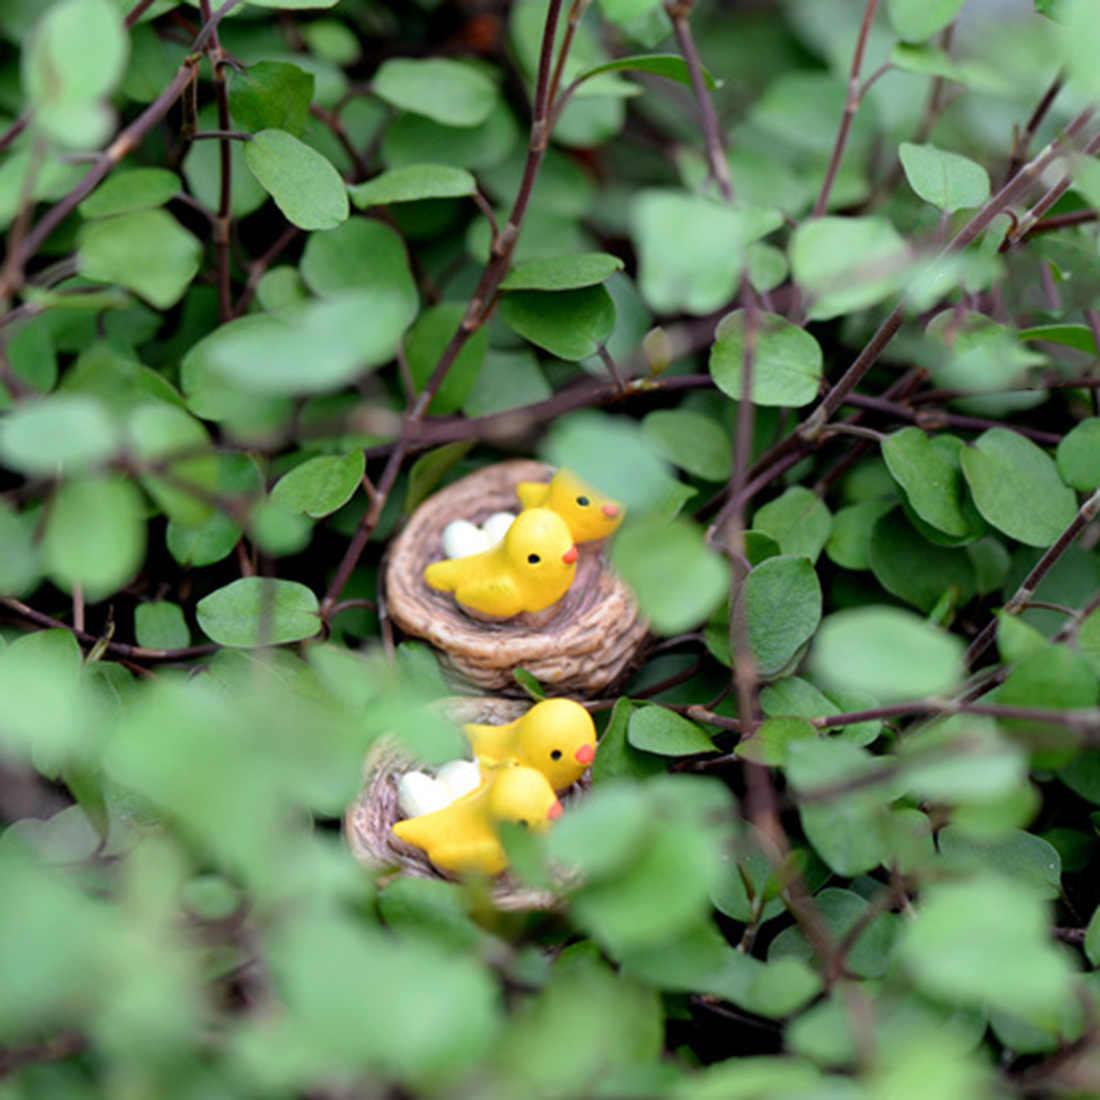 Nuovo Mini Nido con Gli Uccelli Fata Giardino Miniature Gnomes Muschio Terrari Mestieri Della Resina Figurine per La Decorazione Domestica Accessori